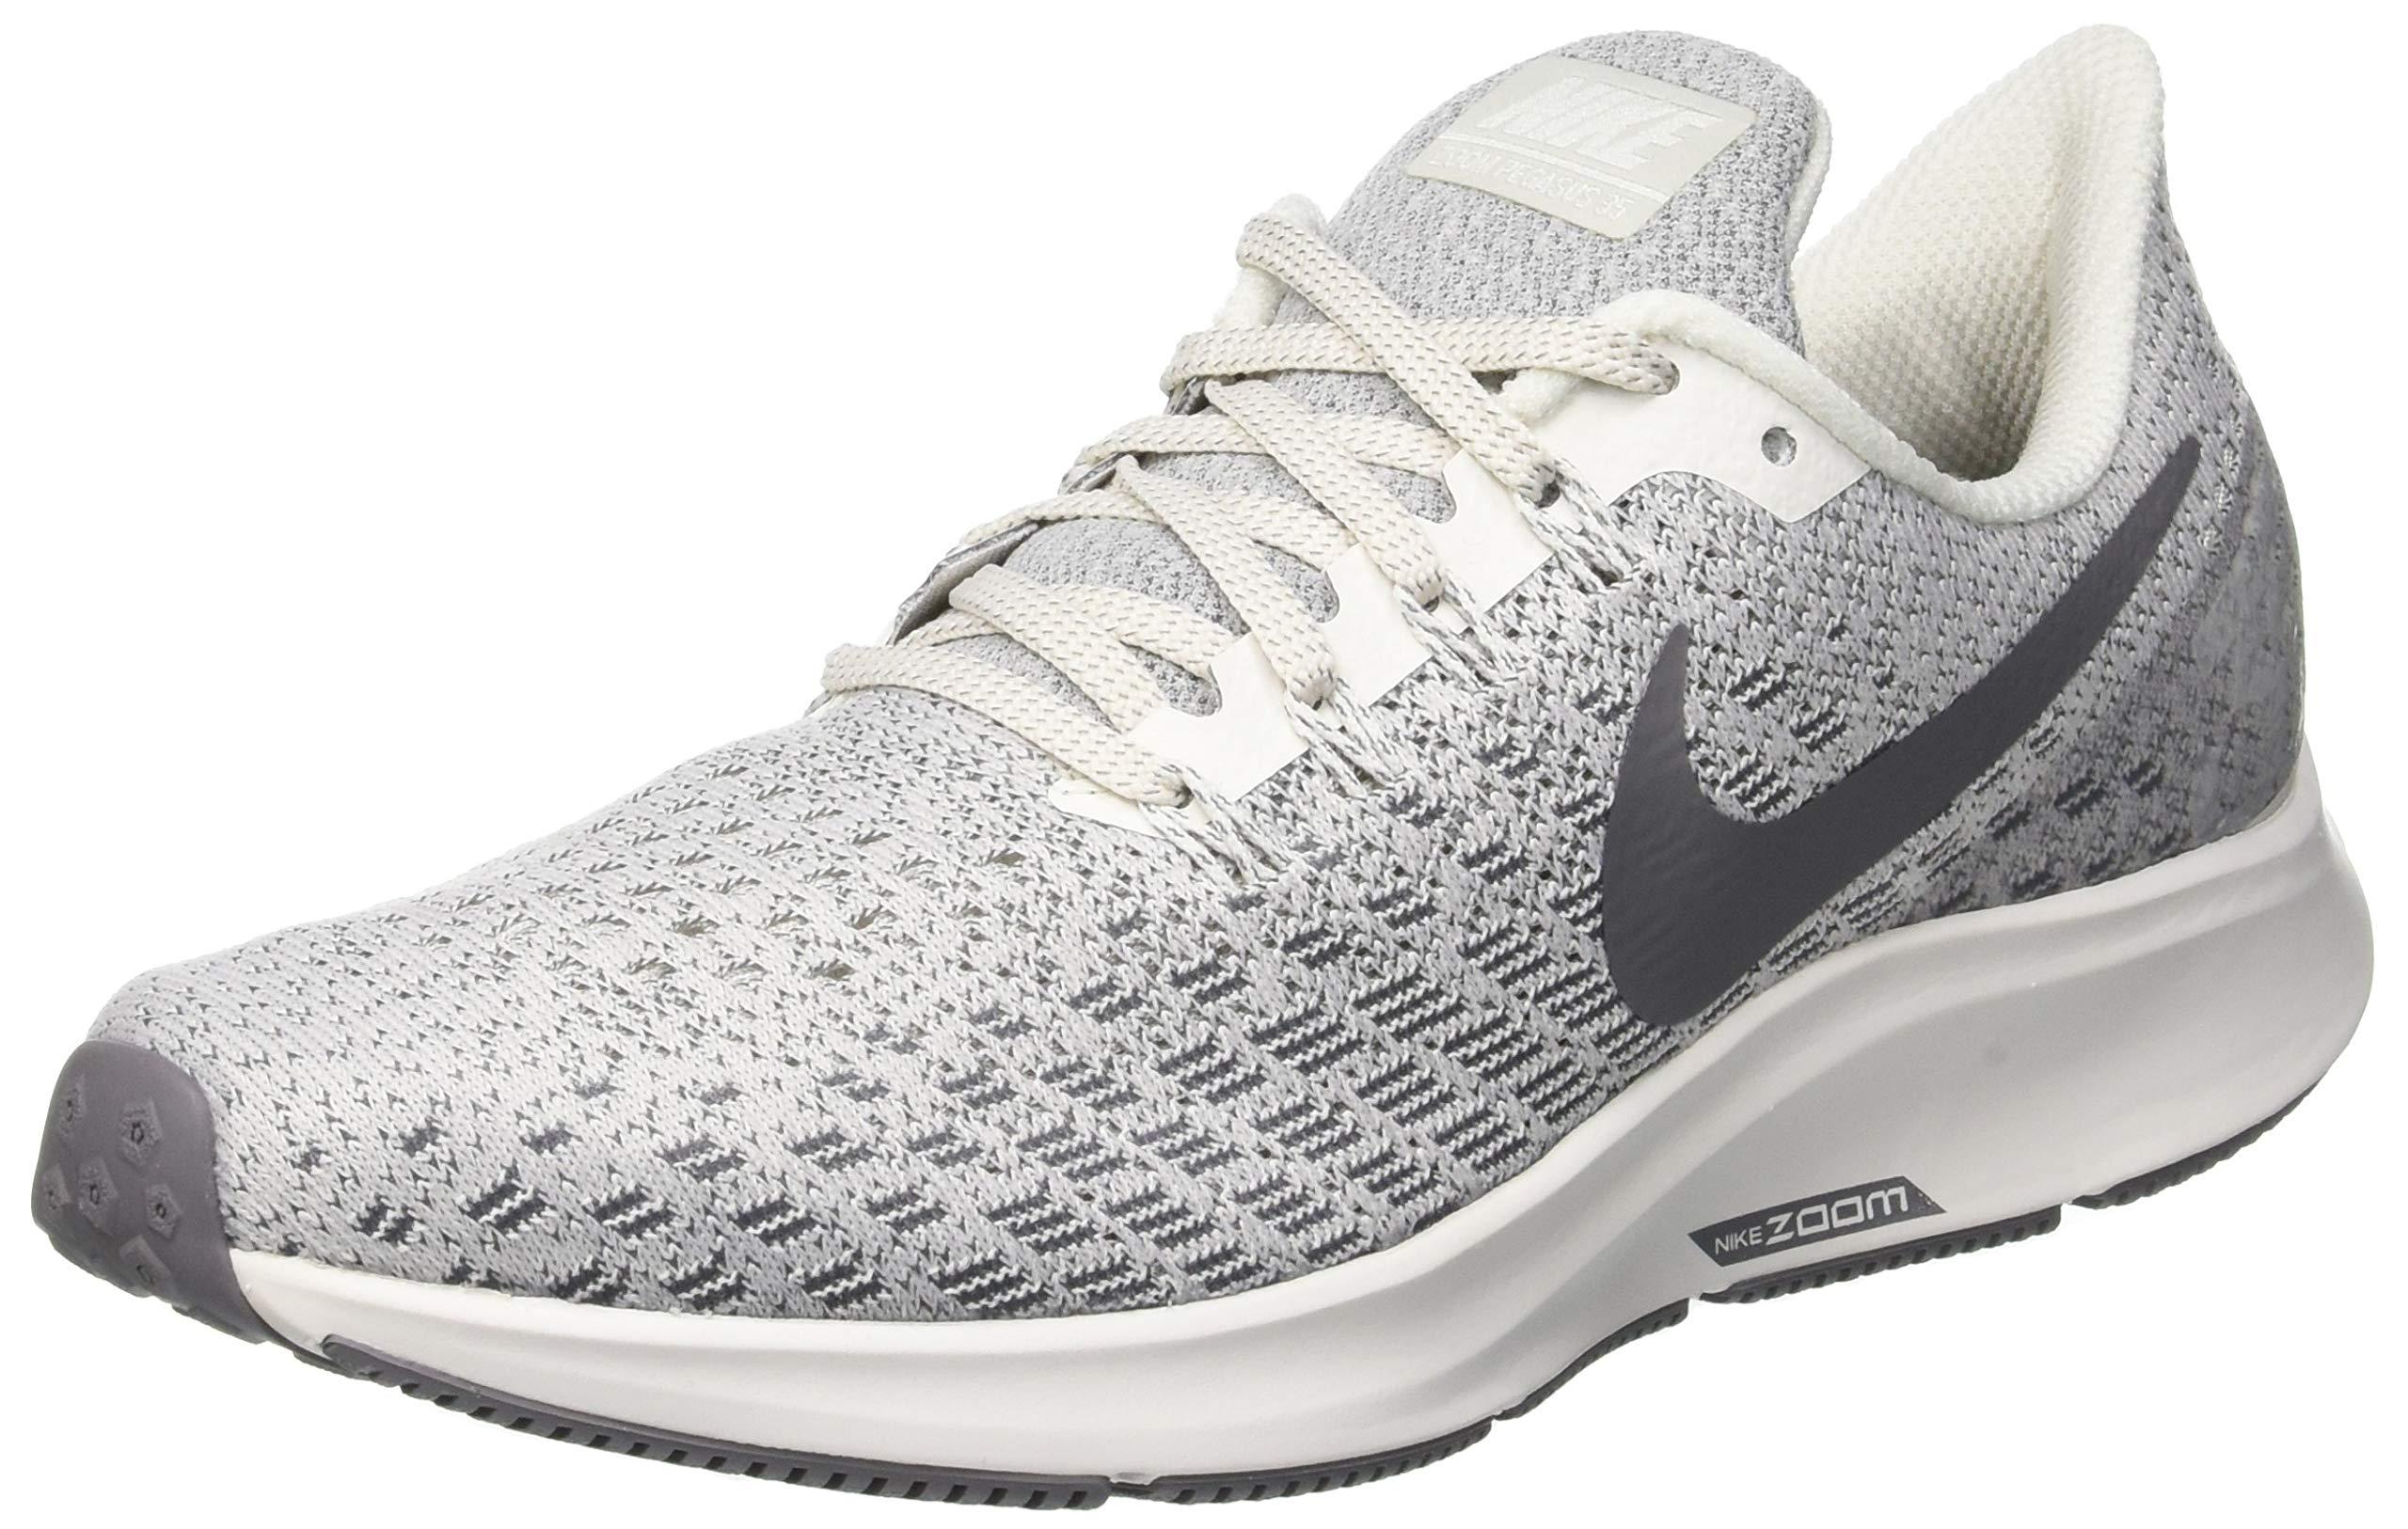 cf9608c7a3be Galleon - Nike Women s Zoom Pegasus 35 Running Shoe Phantom Gunsmoke Summit  White Size 9 M US